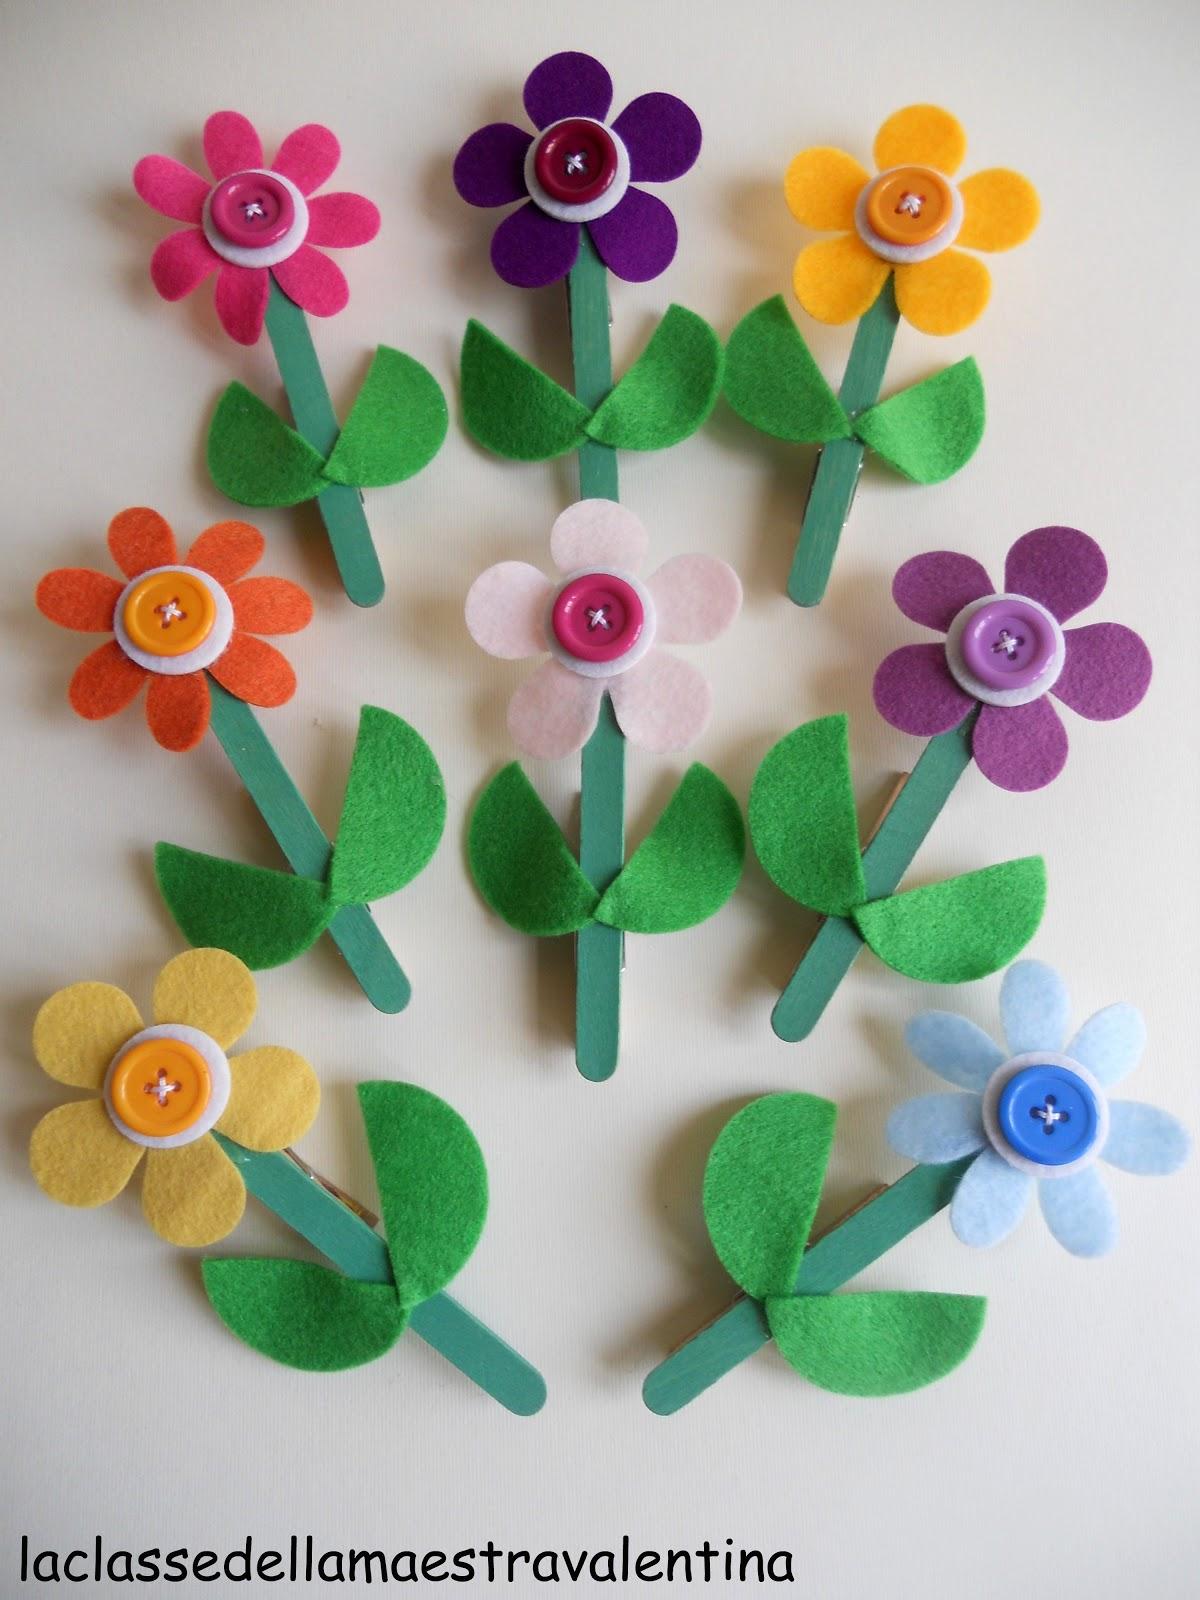 La classe della maestra valentina ancora fiori per la mamma for Lavoretti di natale maestra mary